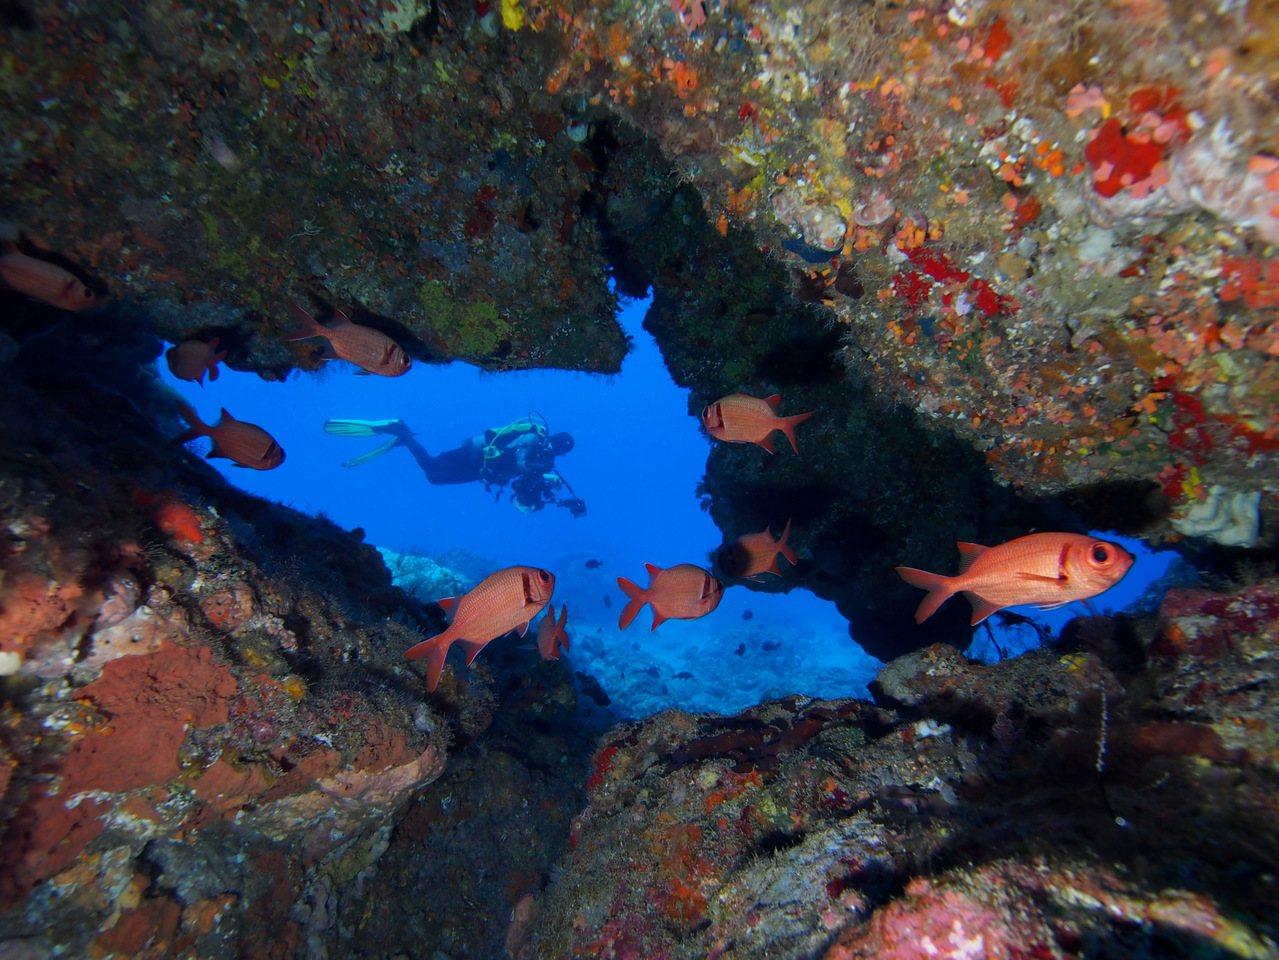 綠島的海底世界美麗猶如奇幻的水晶宮。圖/馬來西亞潛水攝影家Tim Ho提供